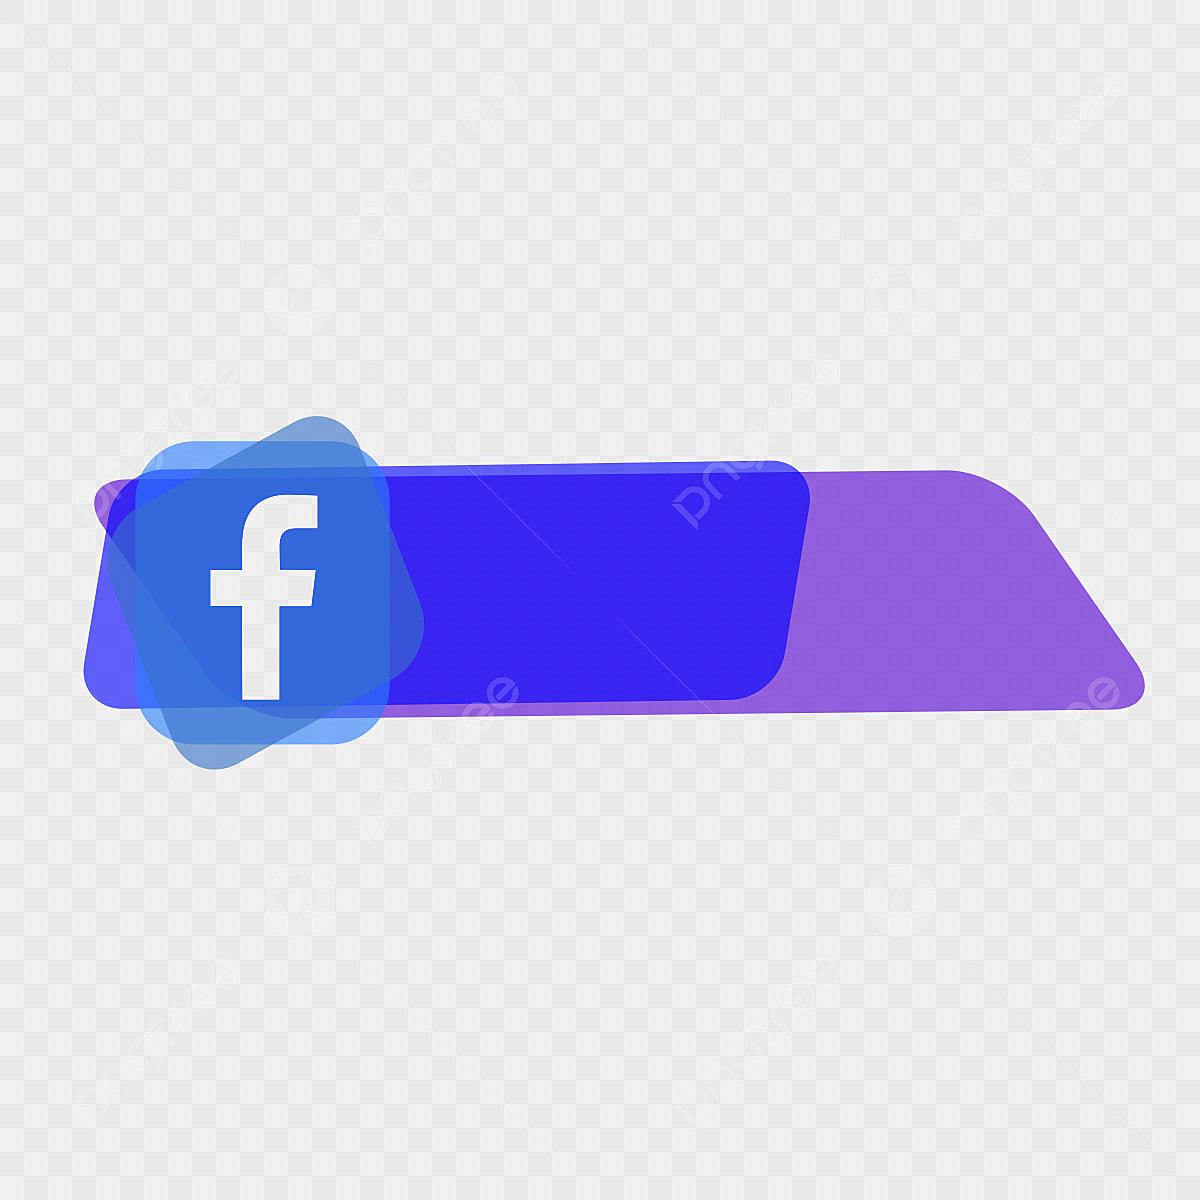 شعار فيس بوك انستا فيس بوك تويتر Png وملف Psd للتحميل مجانا